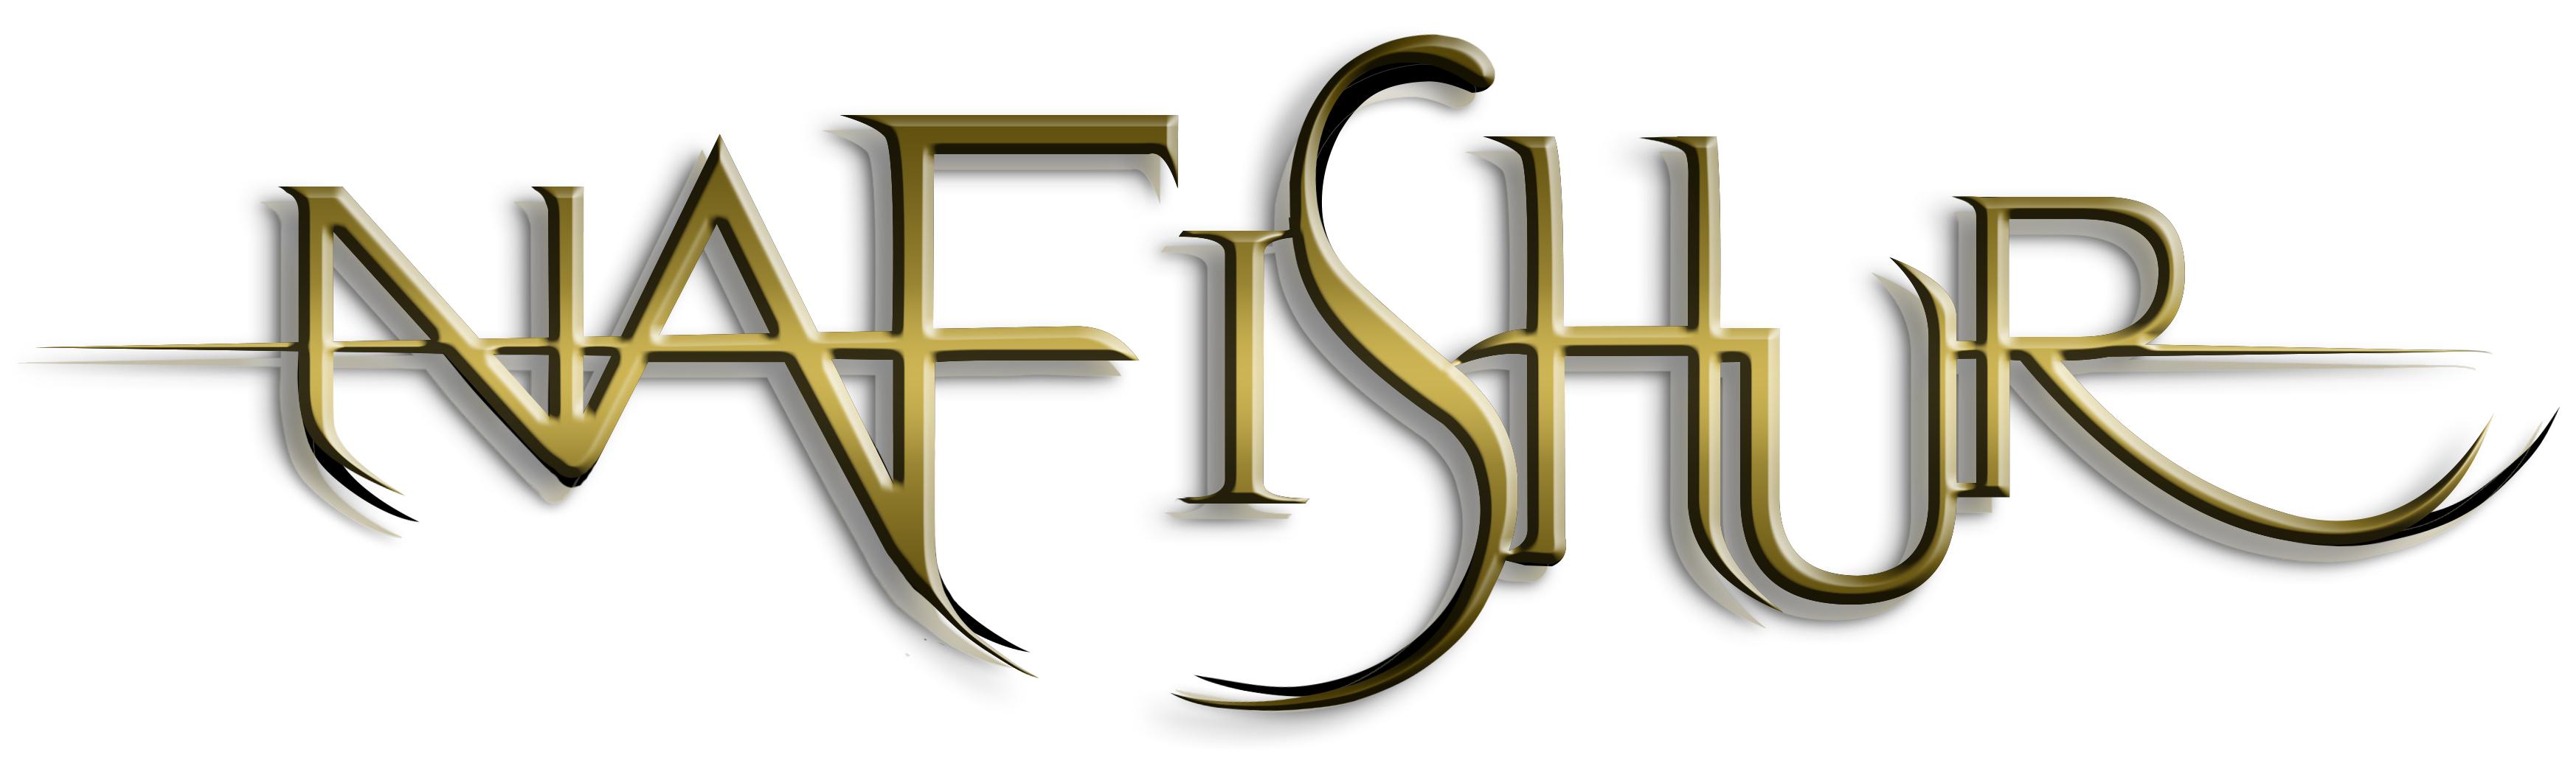 nafishur logo new